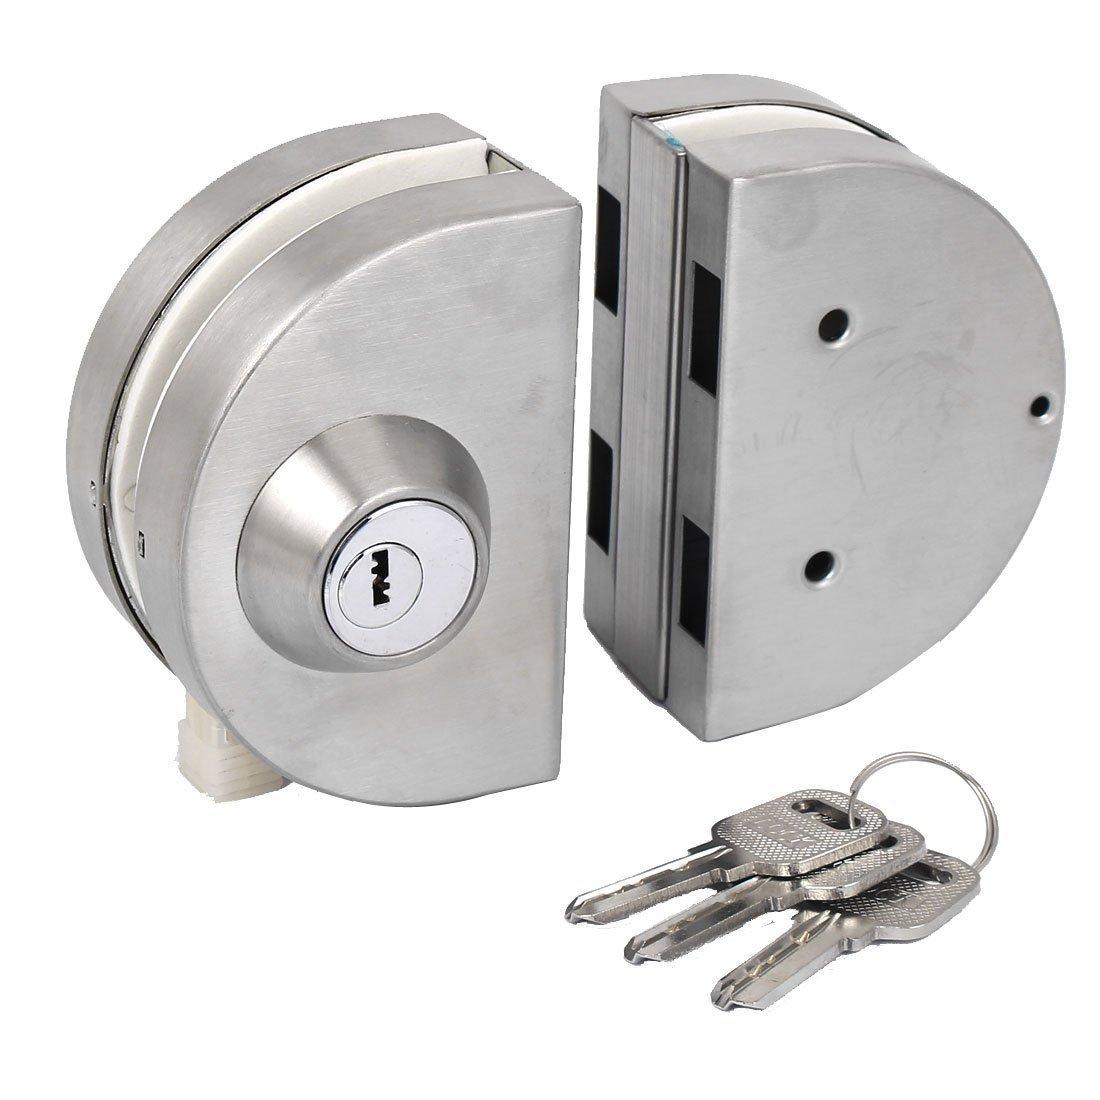 Cheap Glass Door Security Find Glass Door Security Deals On Line At